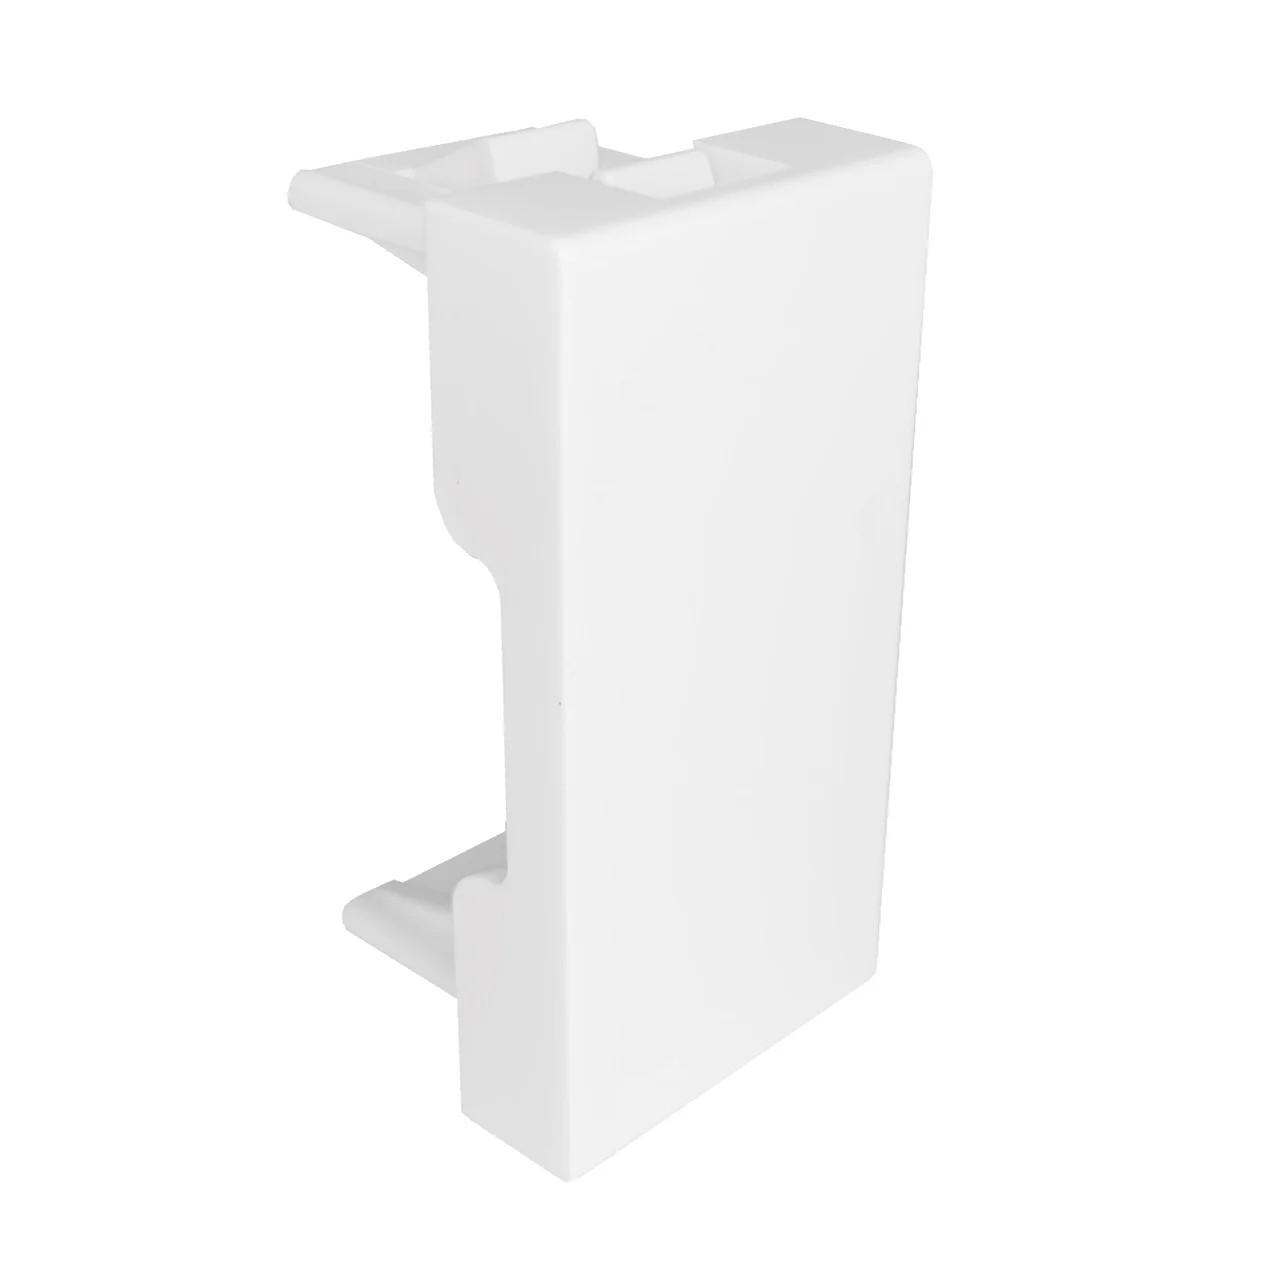 Заглушка белая 45Х22.5 мм для напольных лючков